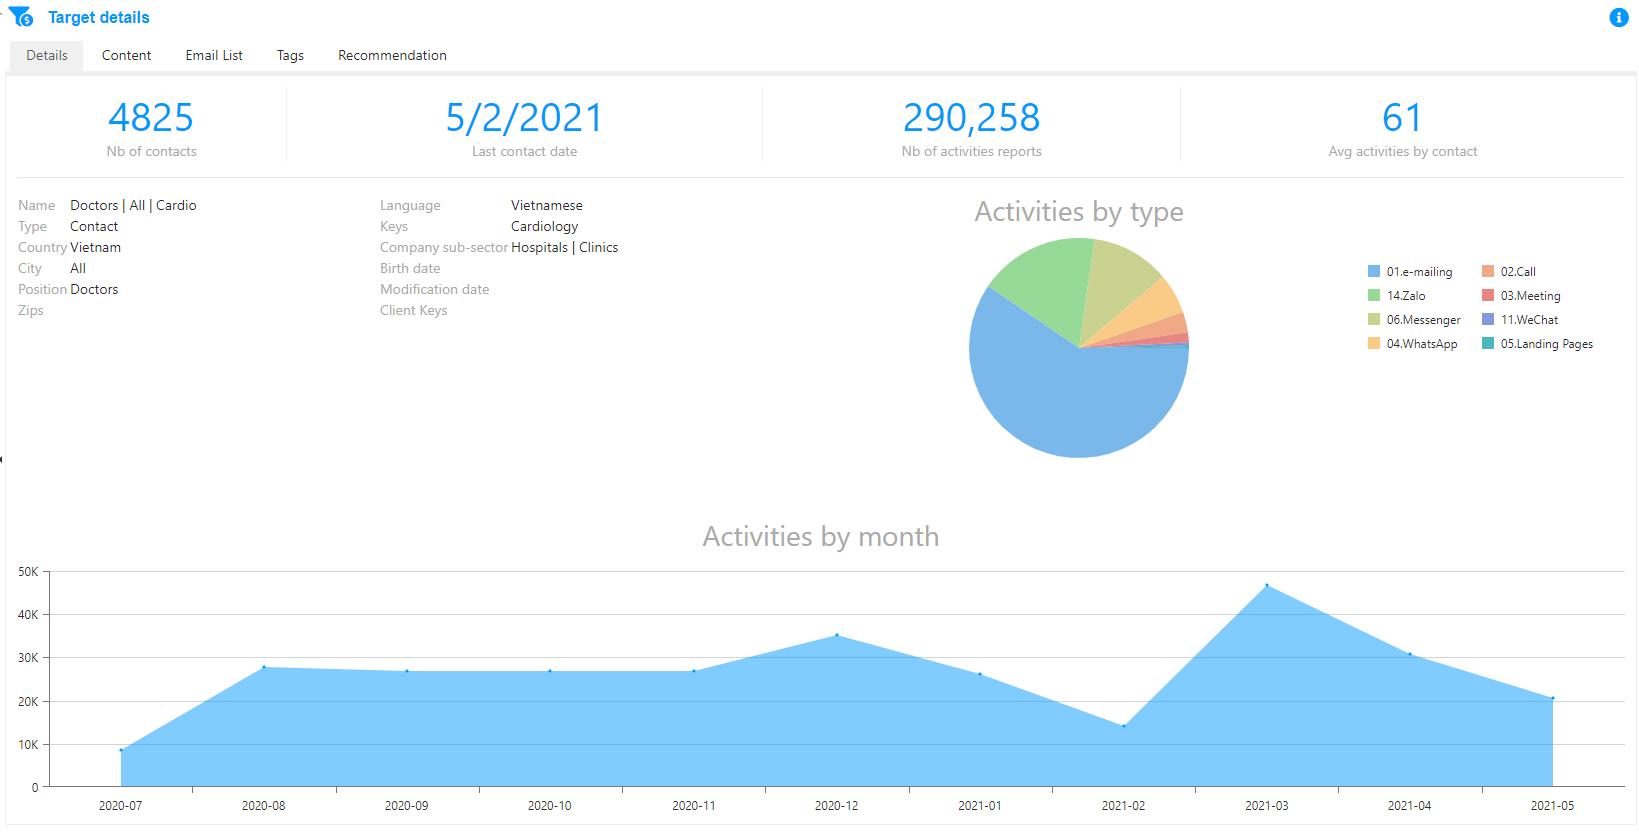 AtemisCloud   2.Marketing   Targets details